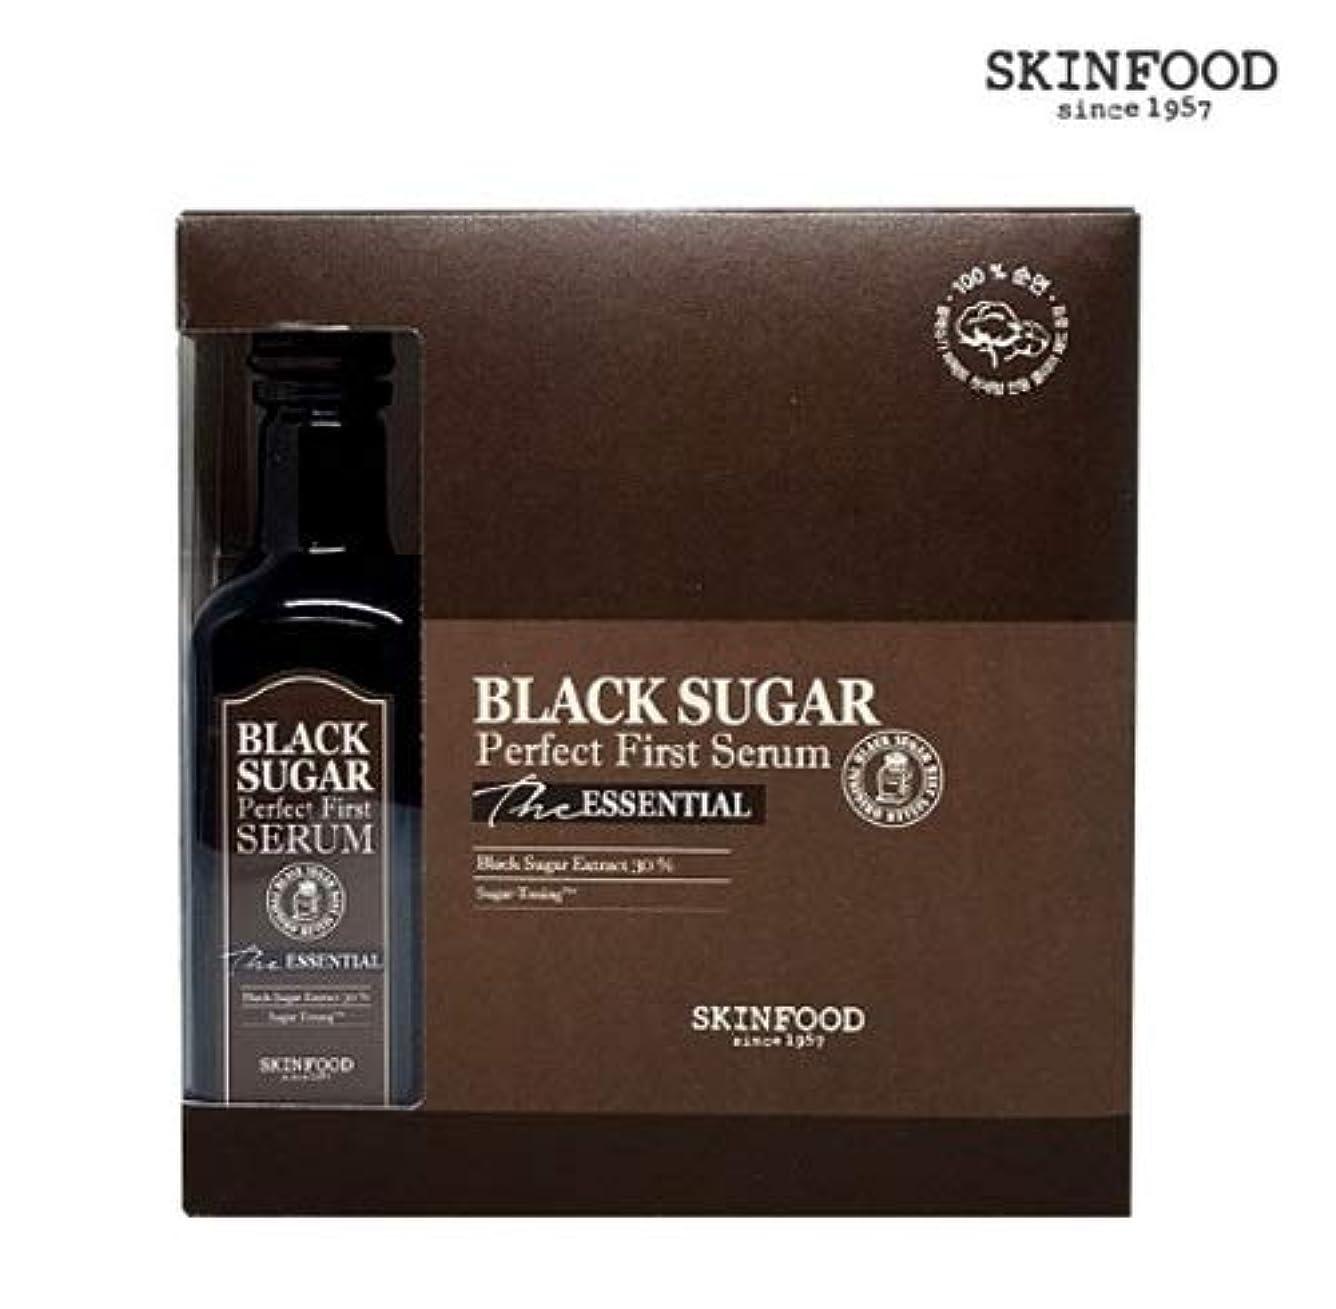 普及スモッグ吐くSkin foodスキンフードブラックシュガーパーフェクト最初血清 (専用化粧綿60枚を含む)